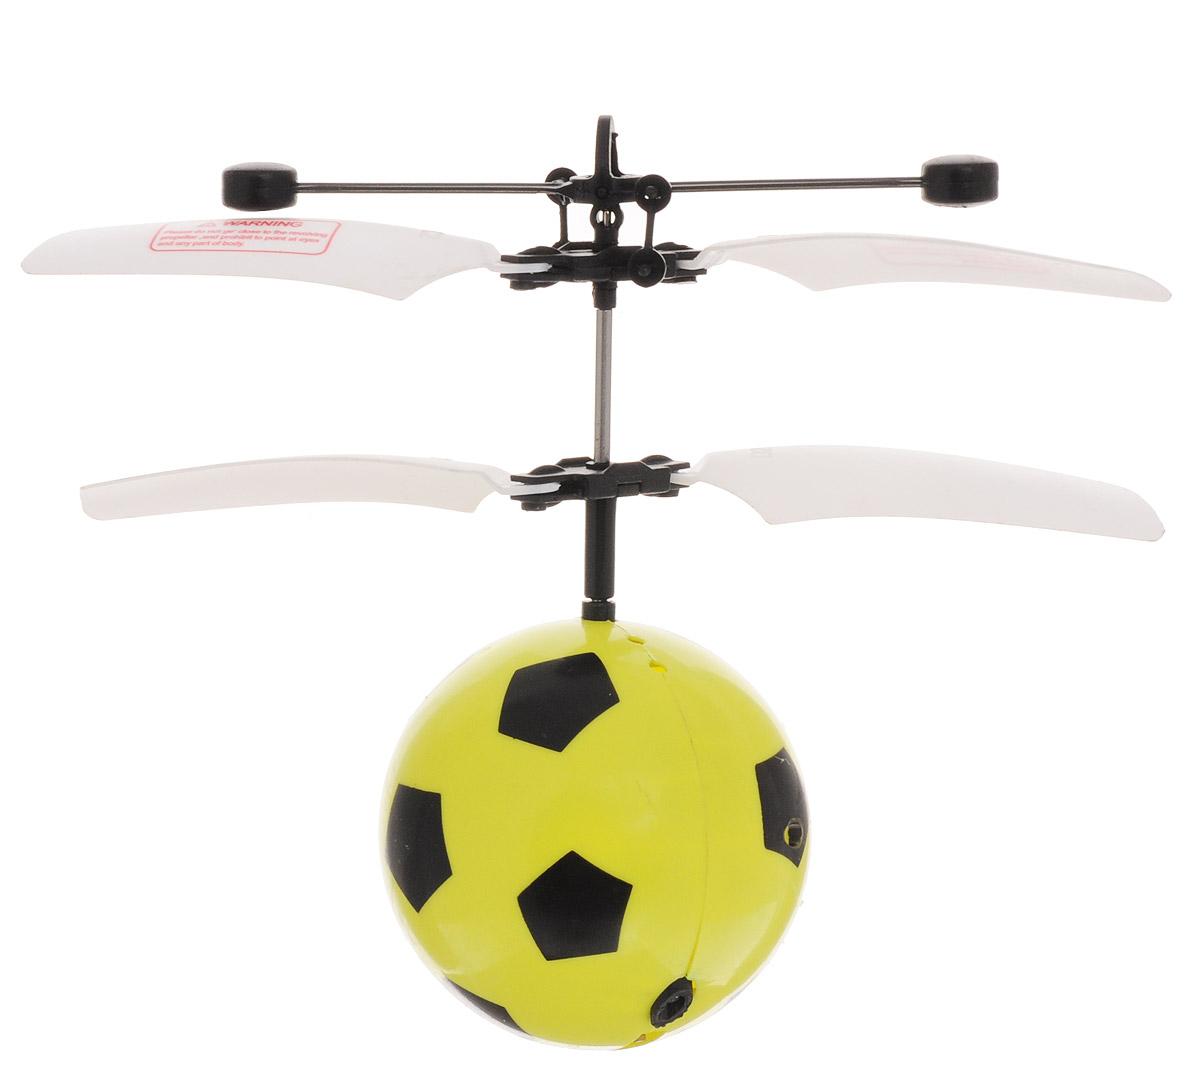 Pilotage Вертолет на радиоуправлении Футбольный мяч RTF цвет желтый